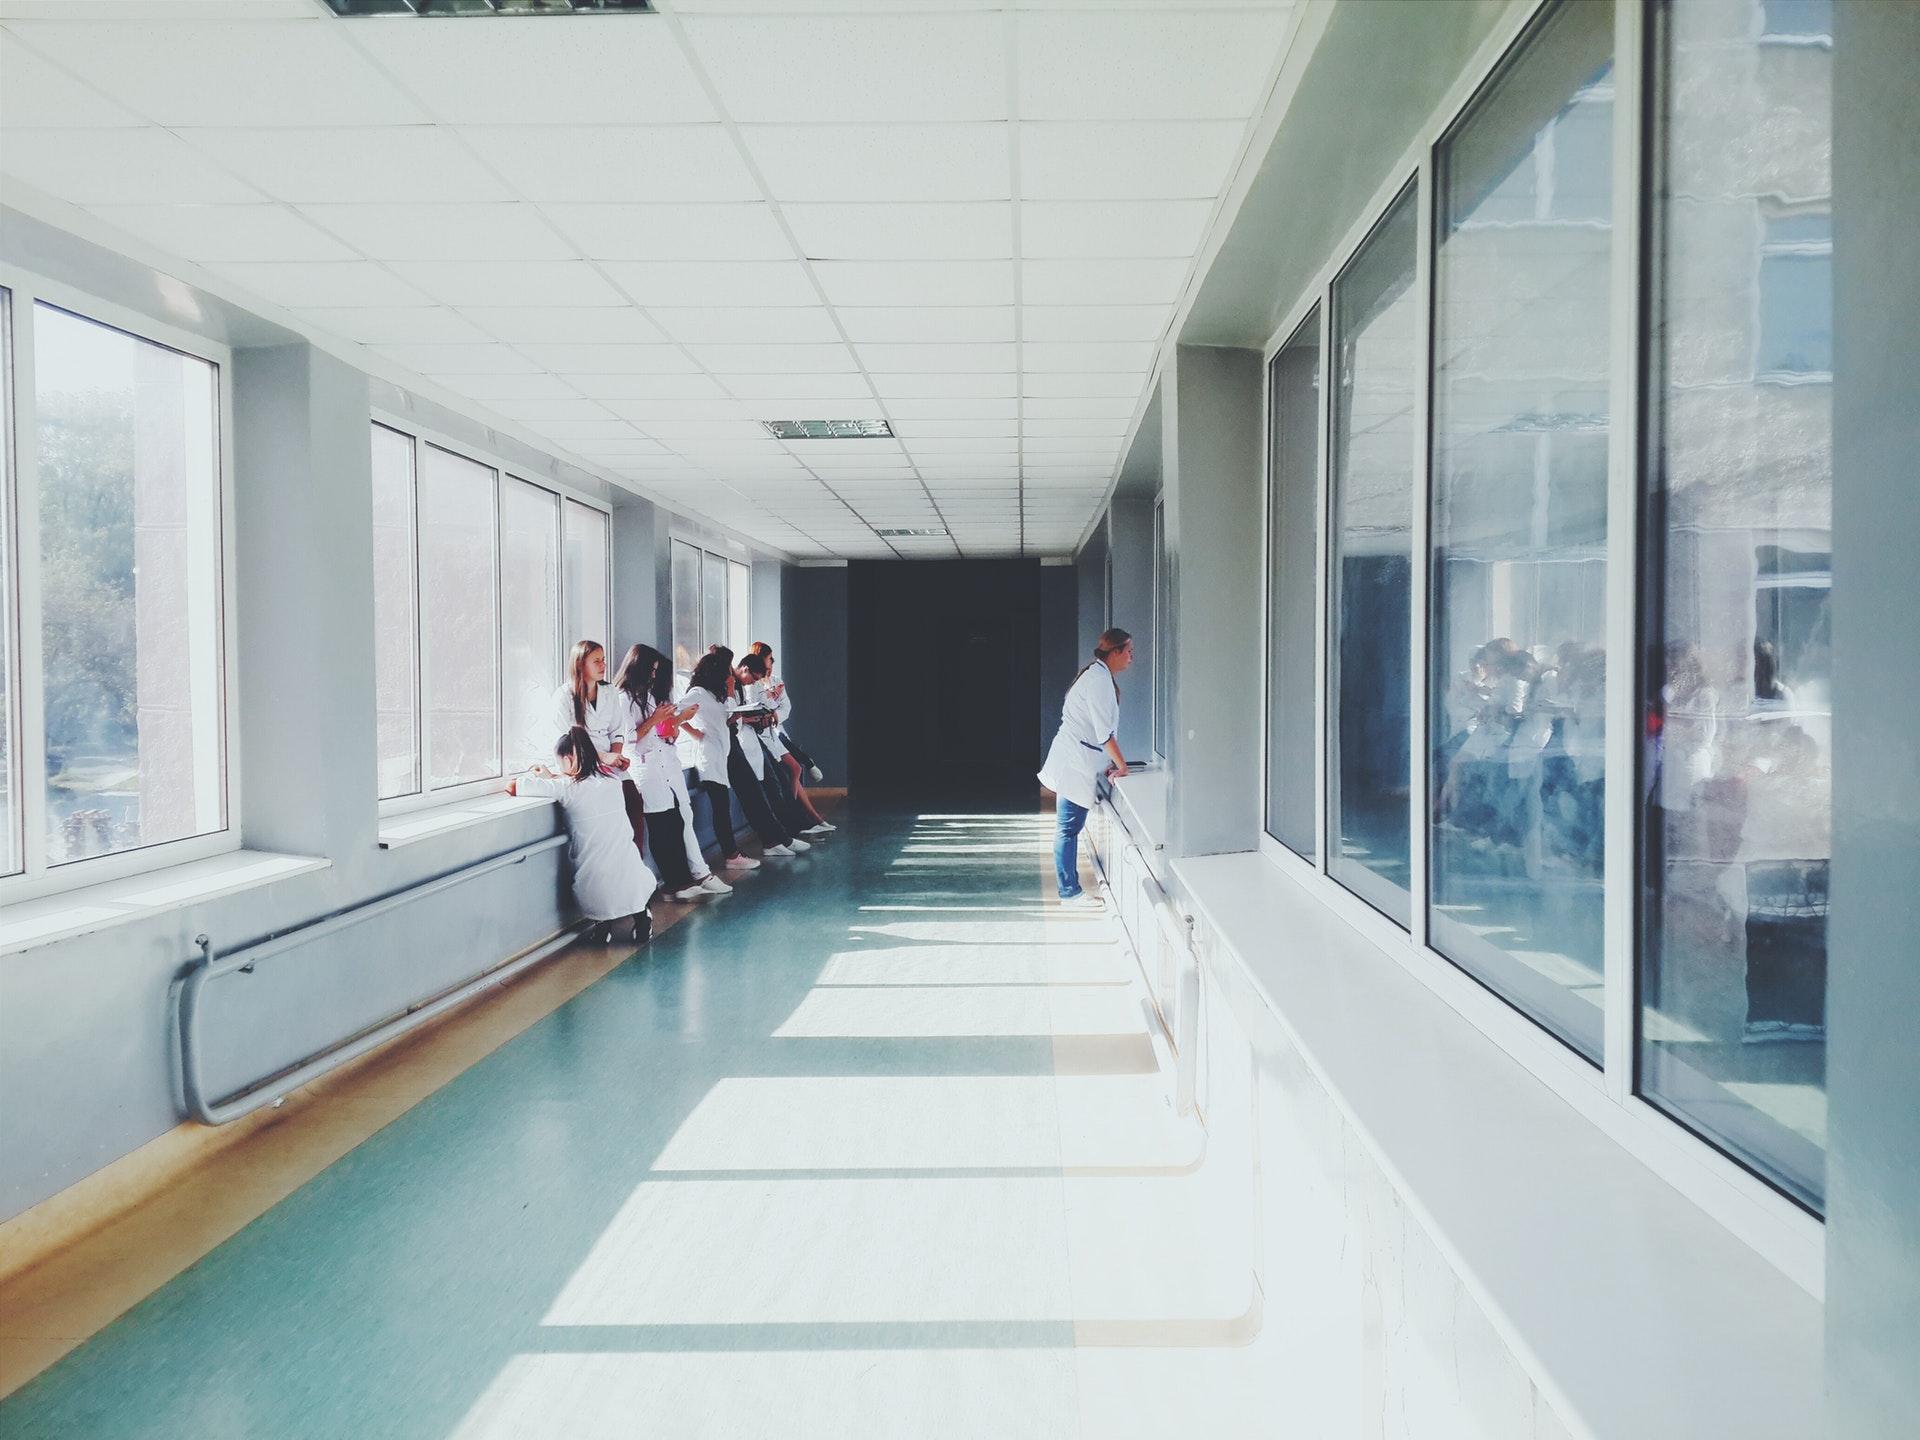 入院時はポケットWiFiレンタル!病院で使えるおすすめWiFiを比較してみた